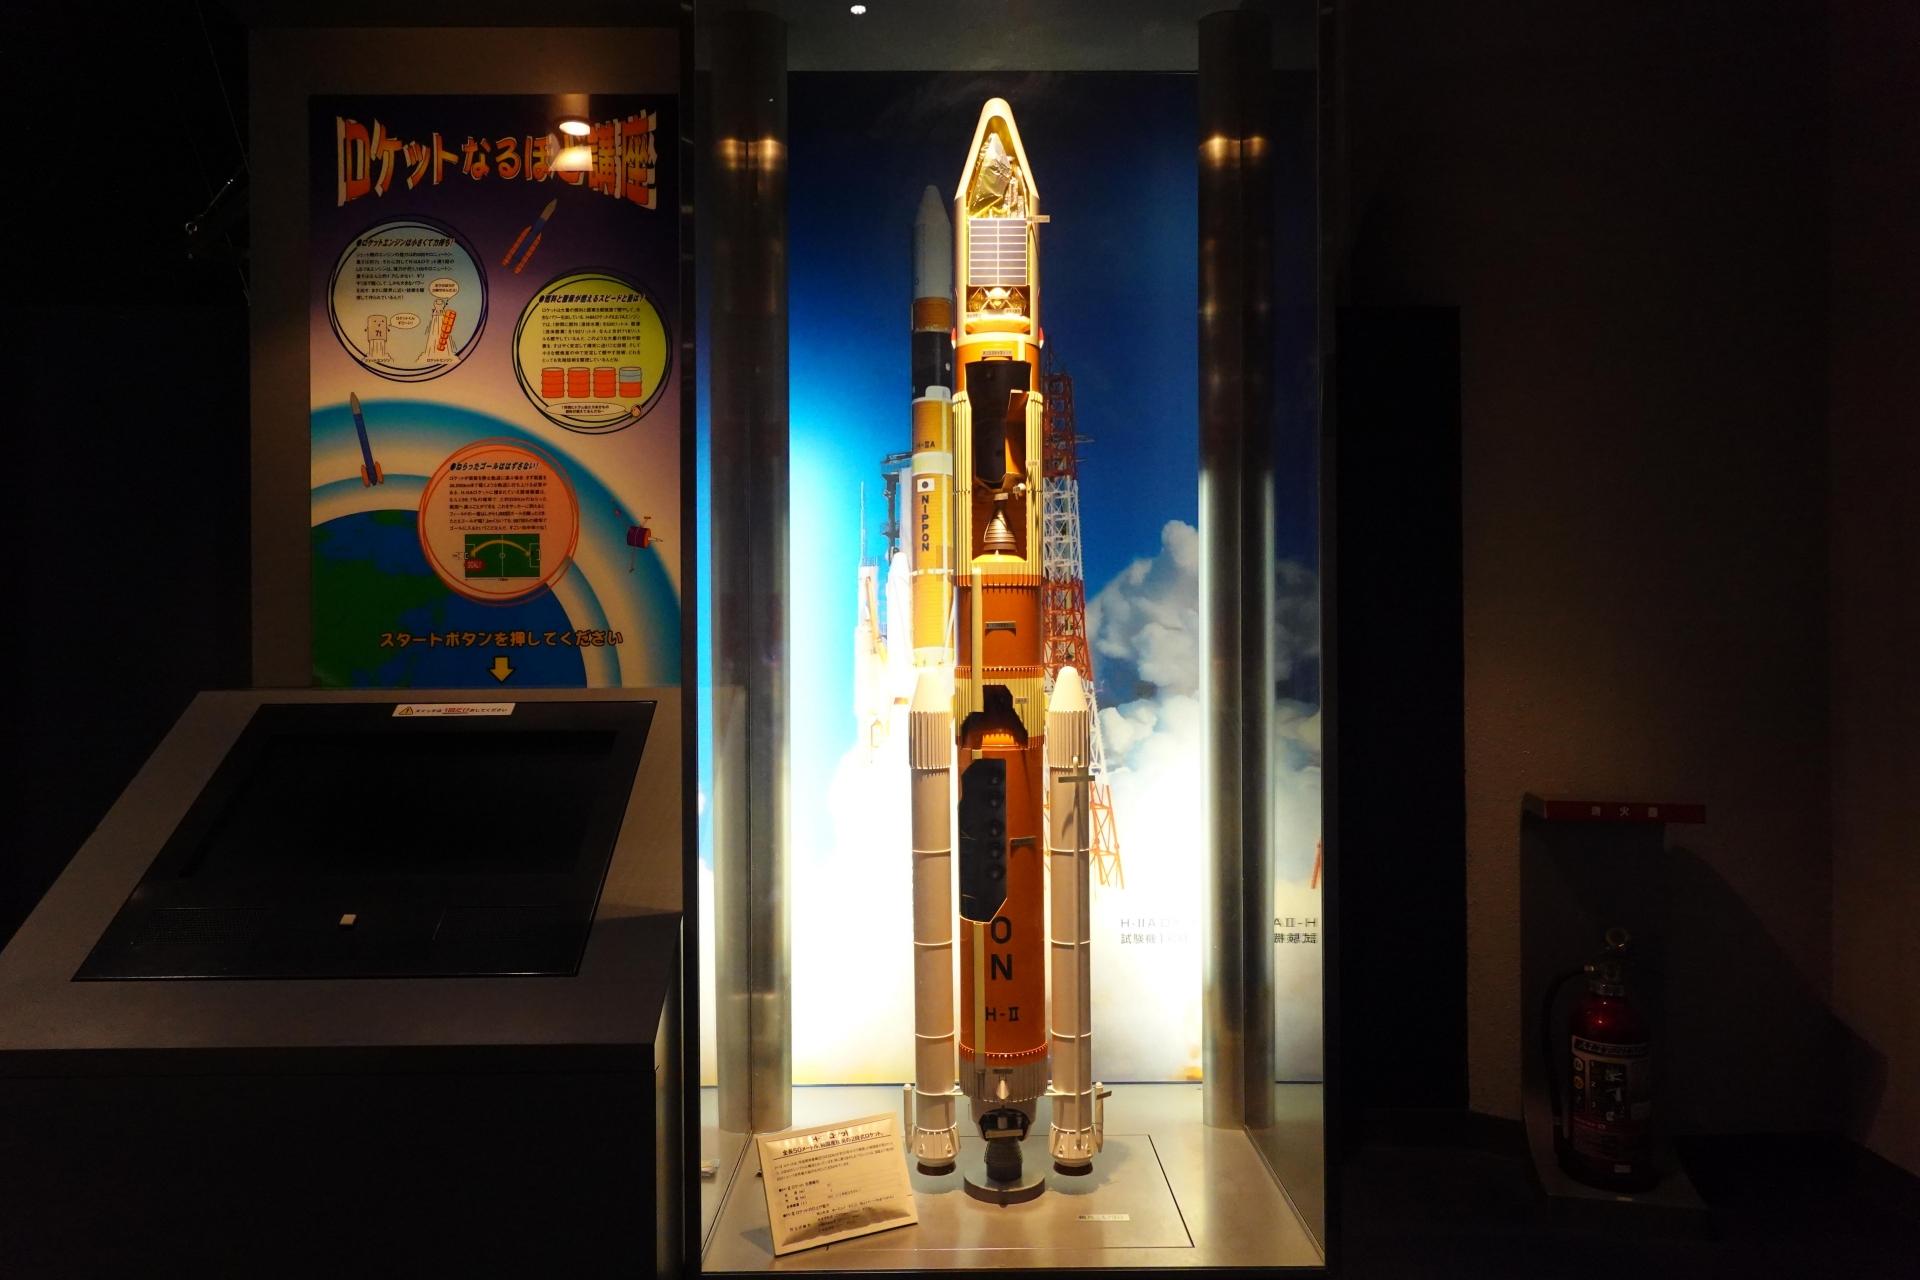 H2ロケット模型